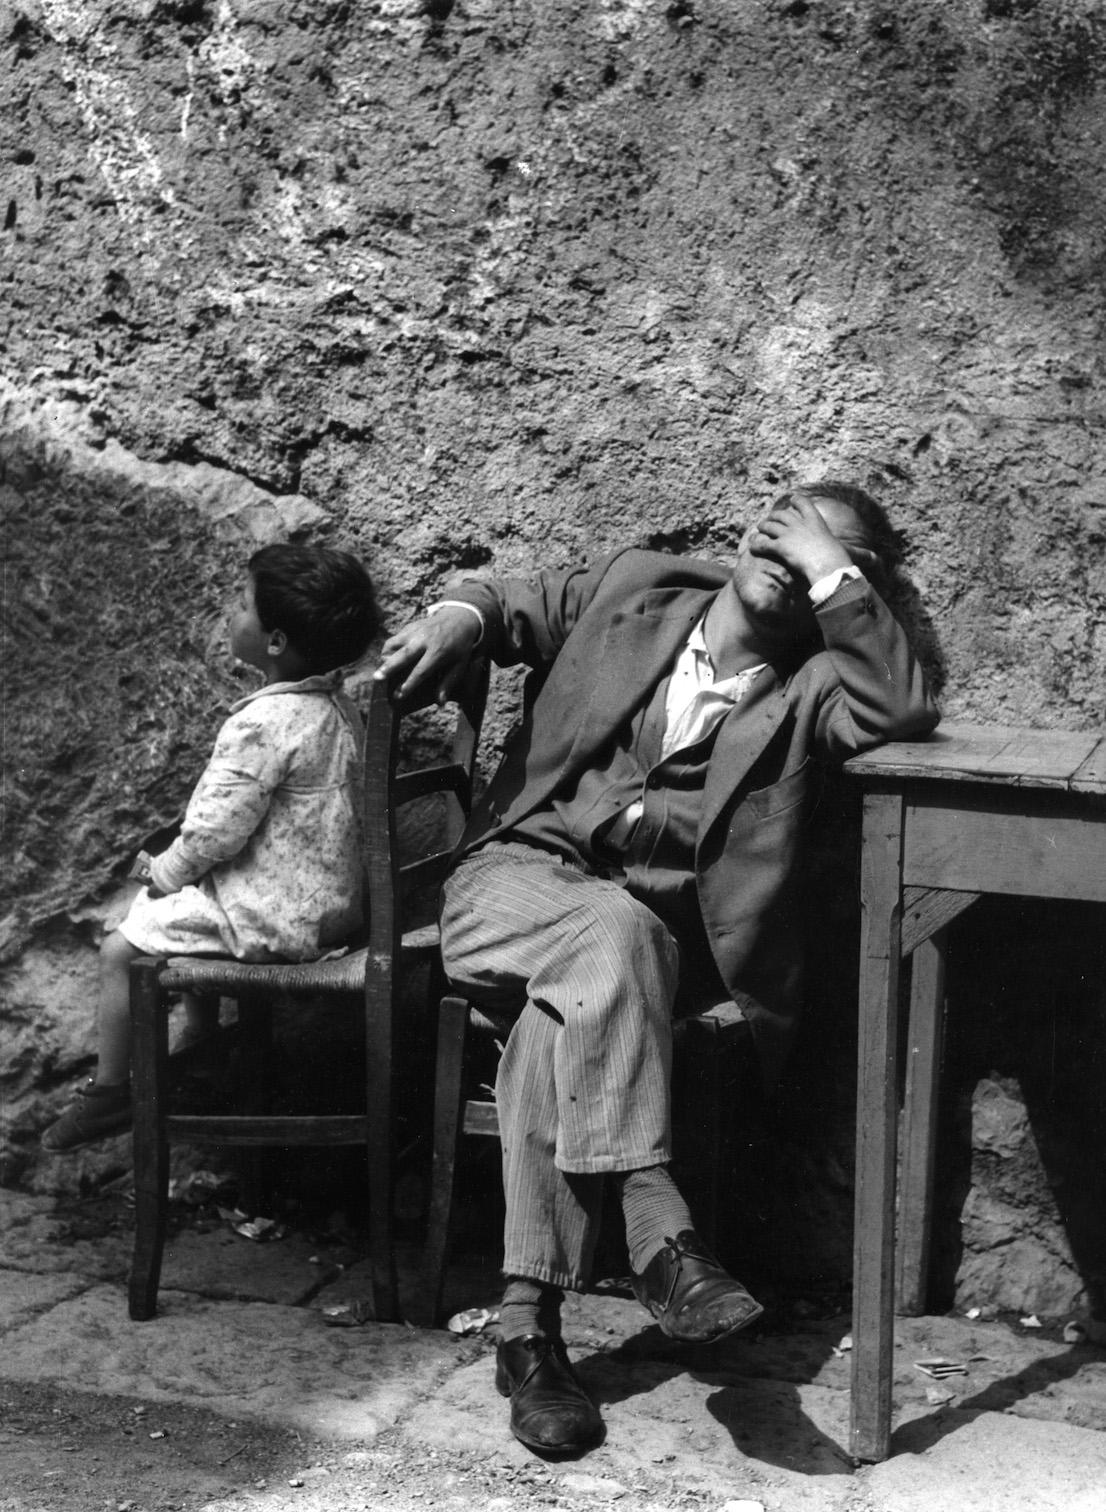 Luciano D'Alessandro. Il disoccupato, Napoli, 1956